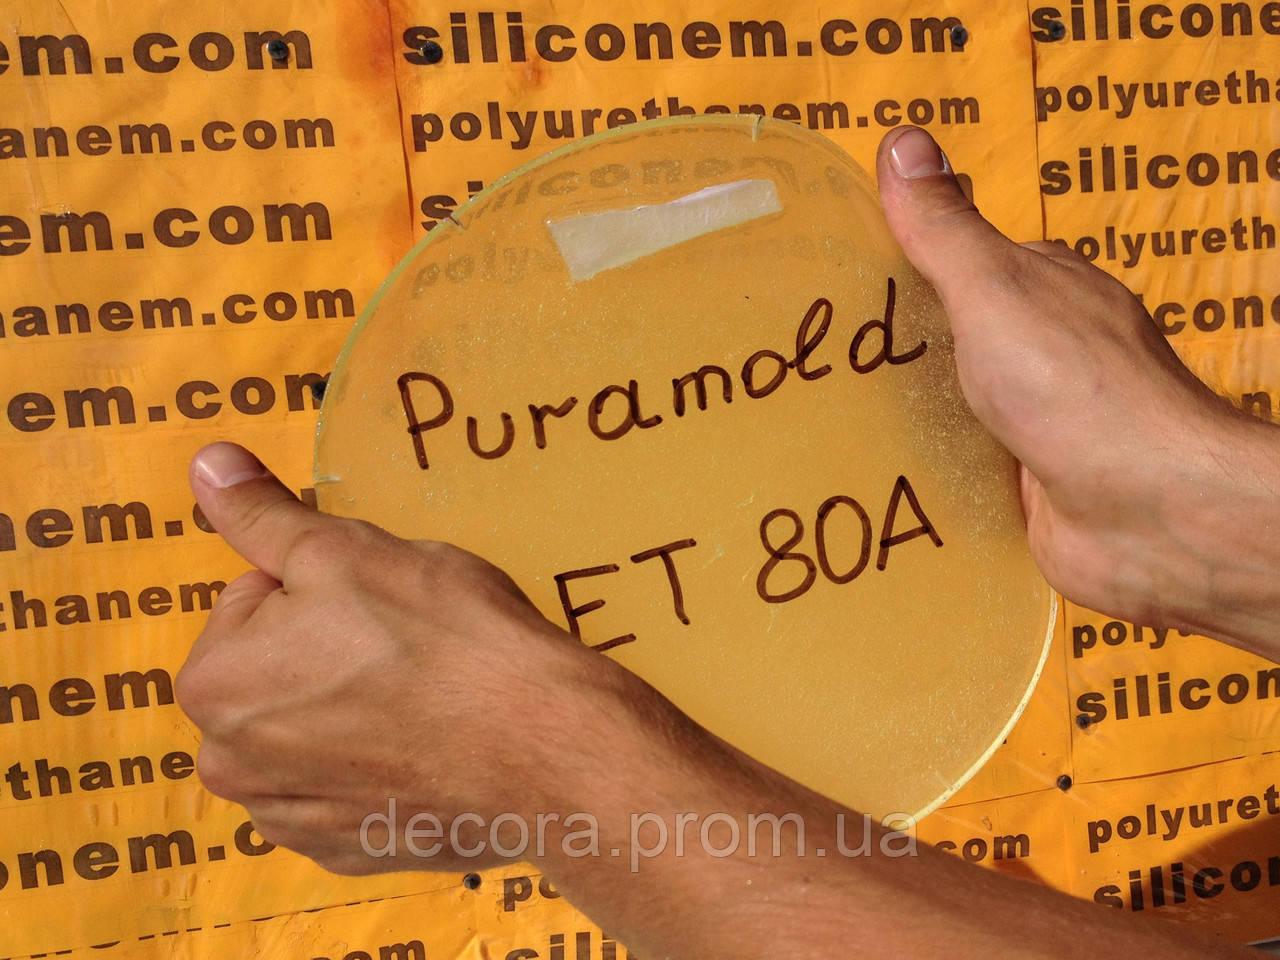 Полиуретан для форм декоративного камня PURAMOLD ET95А - DECORA в Киеве